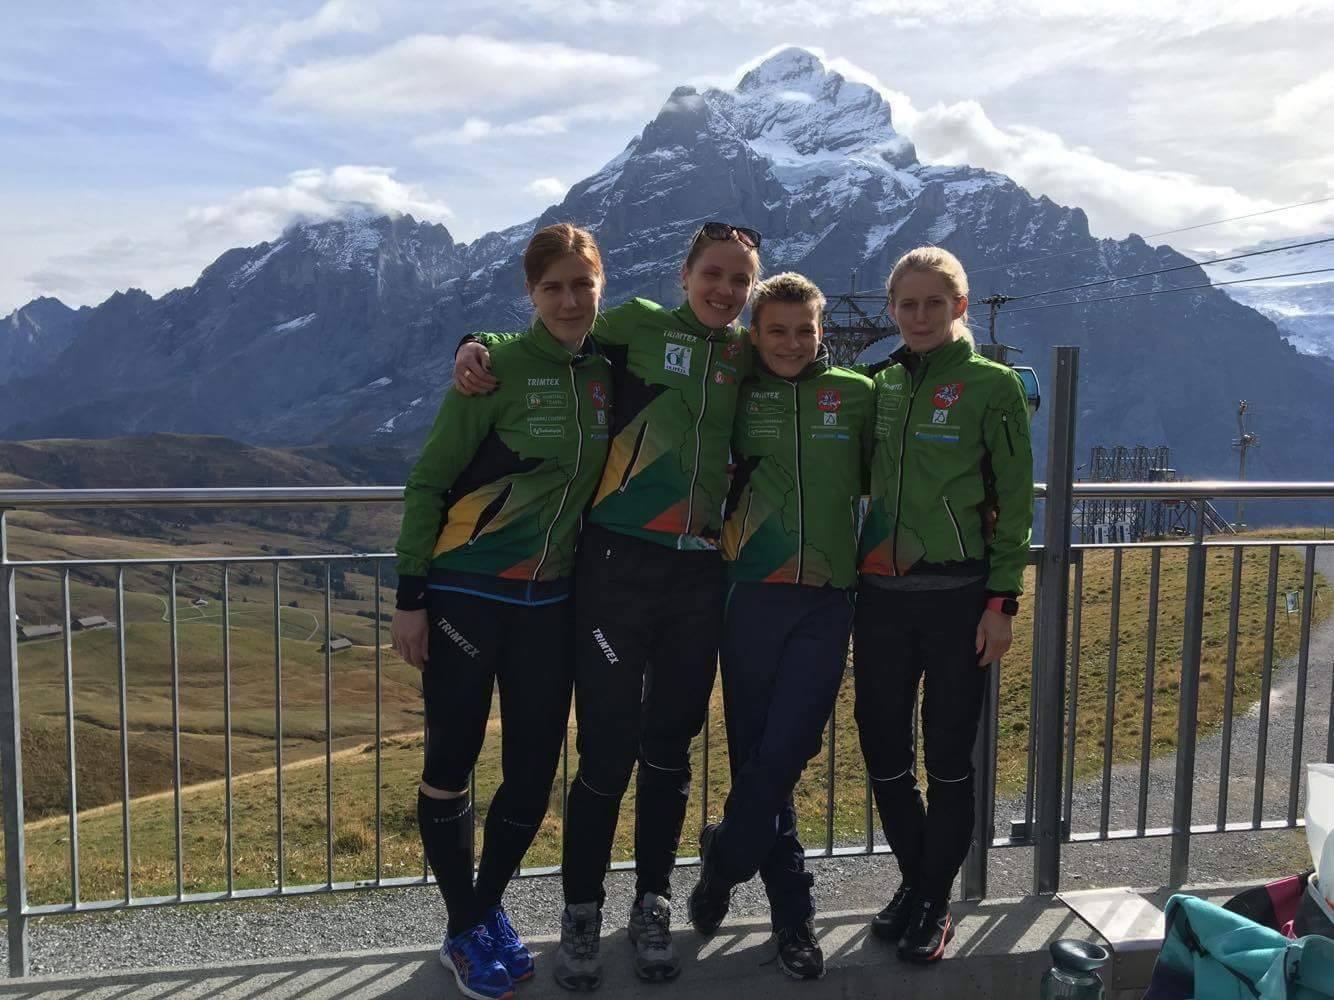 Lietuvos rinktinės narės finaliniame pasaulio taurės etape Šveicarijoje